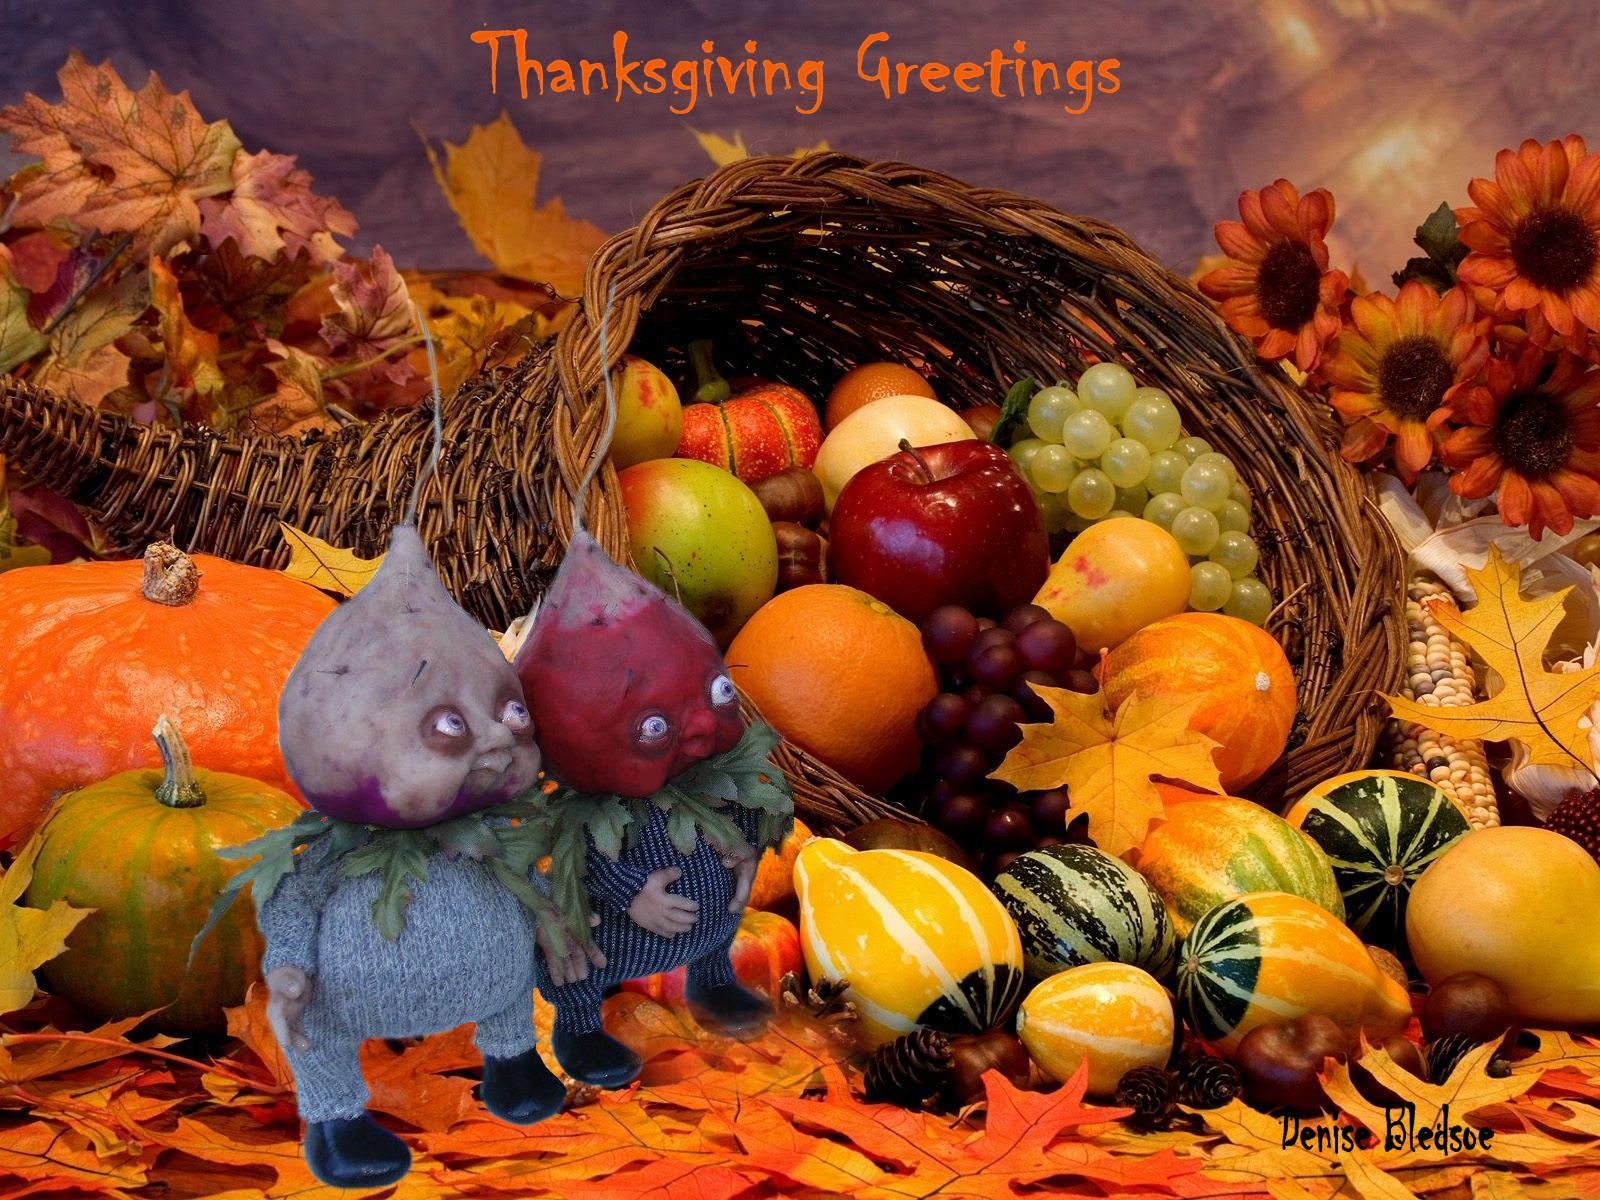 Thanksgiving greeting 2015 - Denise Bledsoe